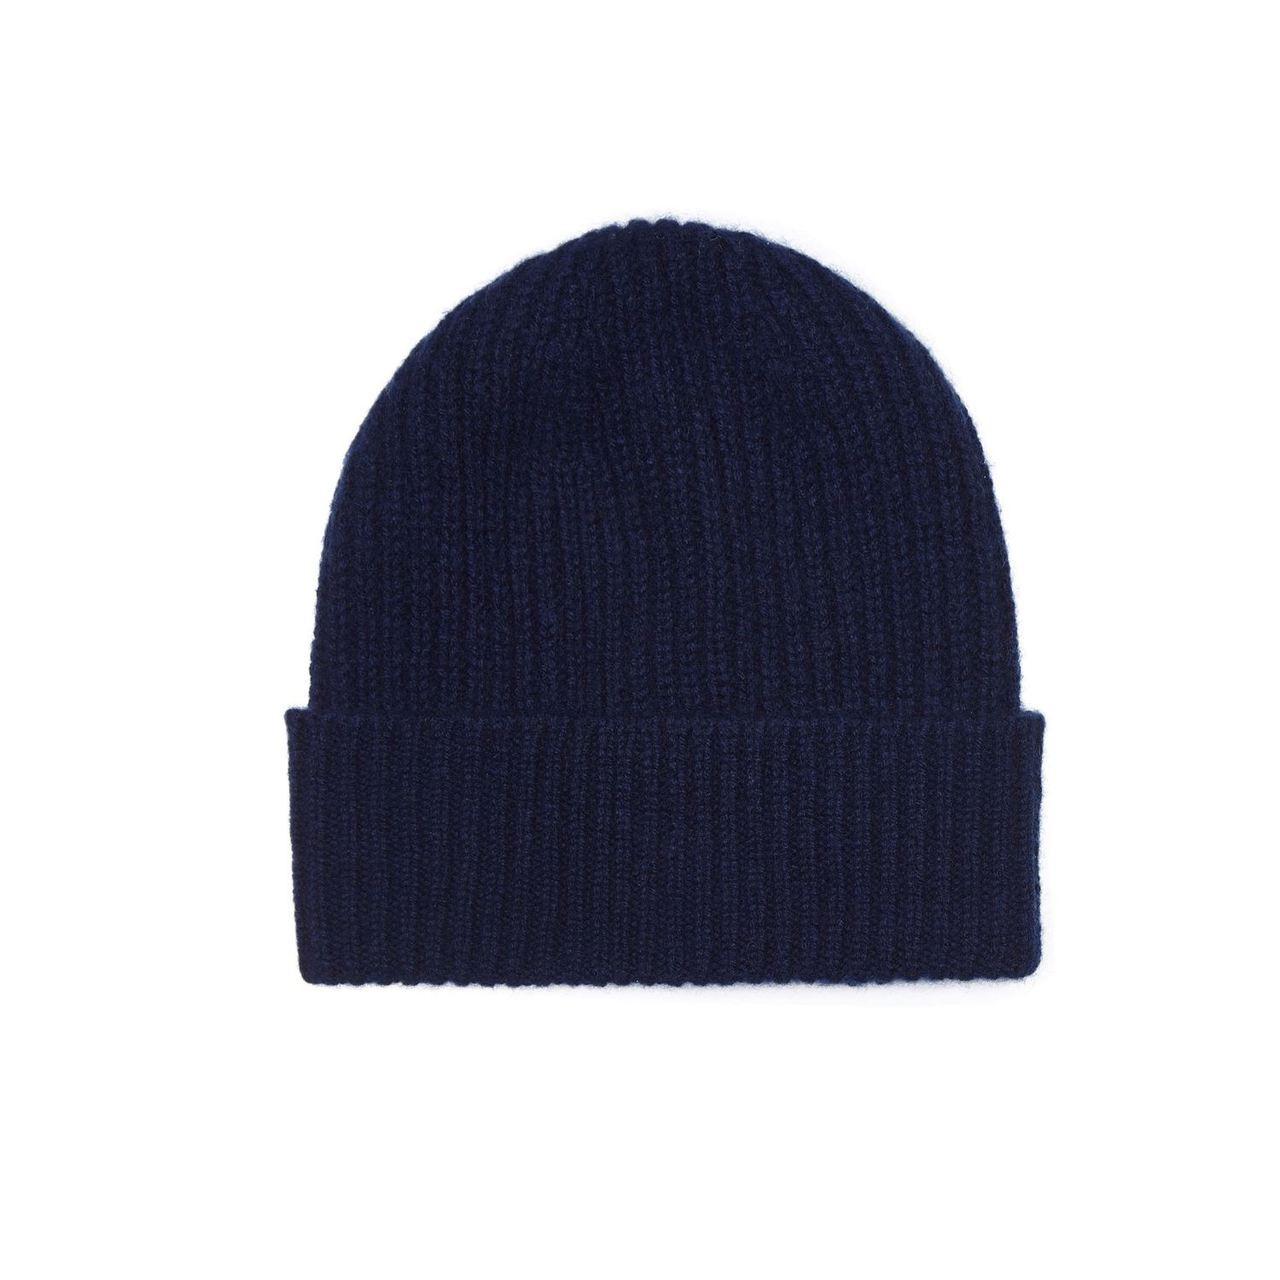 9bd7eb32c3e352 Cashmere Beanie Hat, Navy - Cashmere